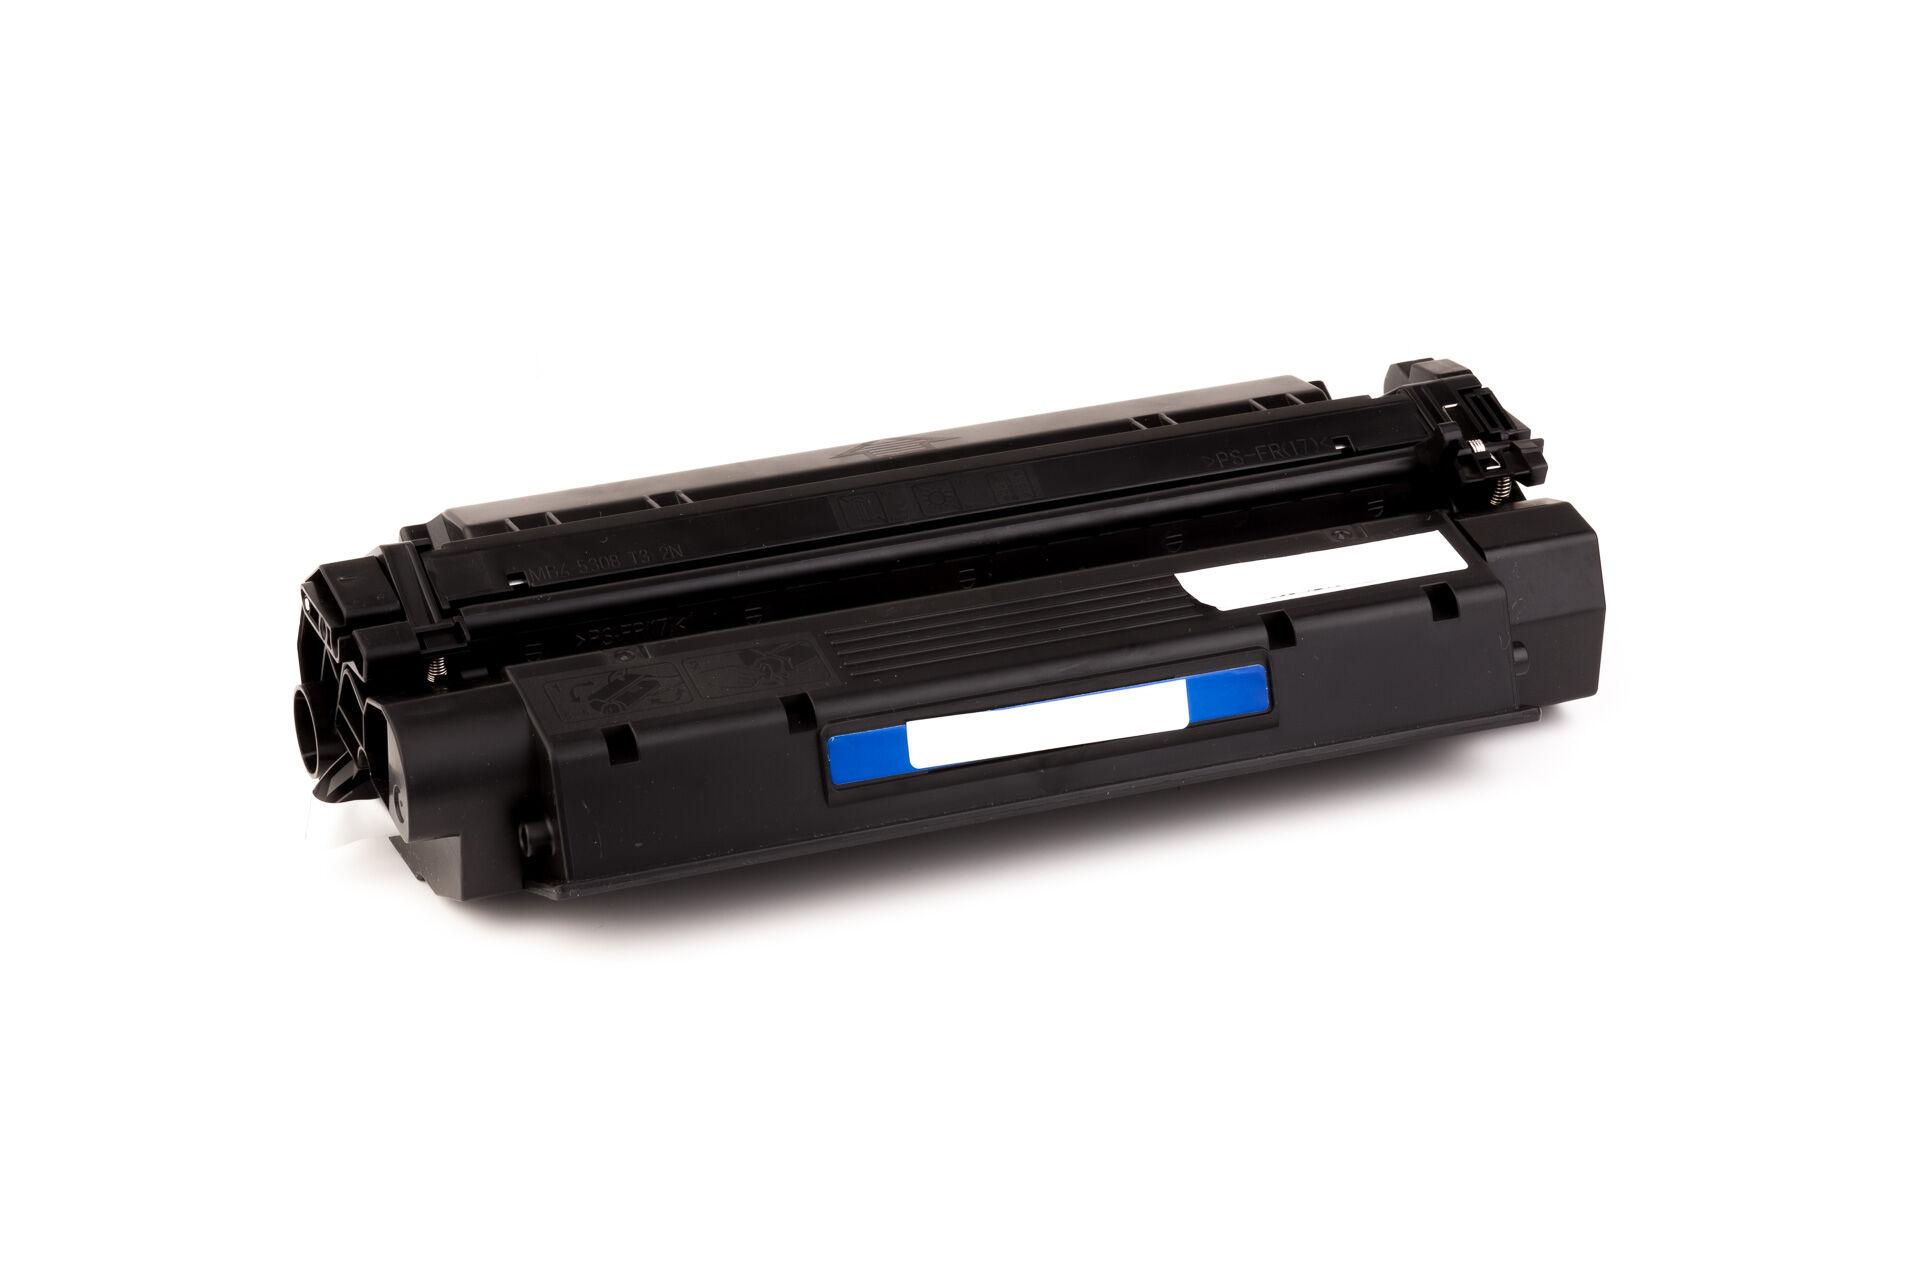 Canon Cartouche de Toner pour Canon 8489A002 / EP-27 noir compatible (de marque ASC)